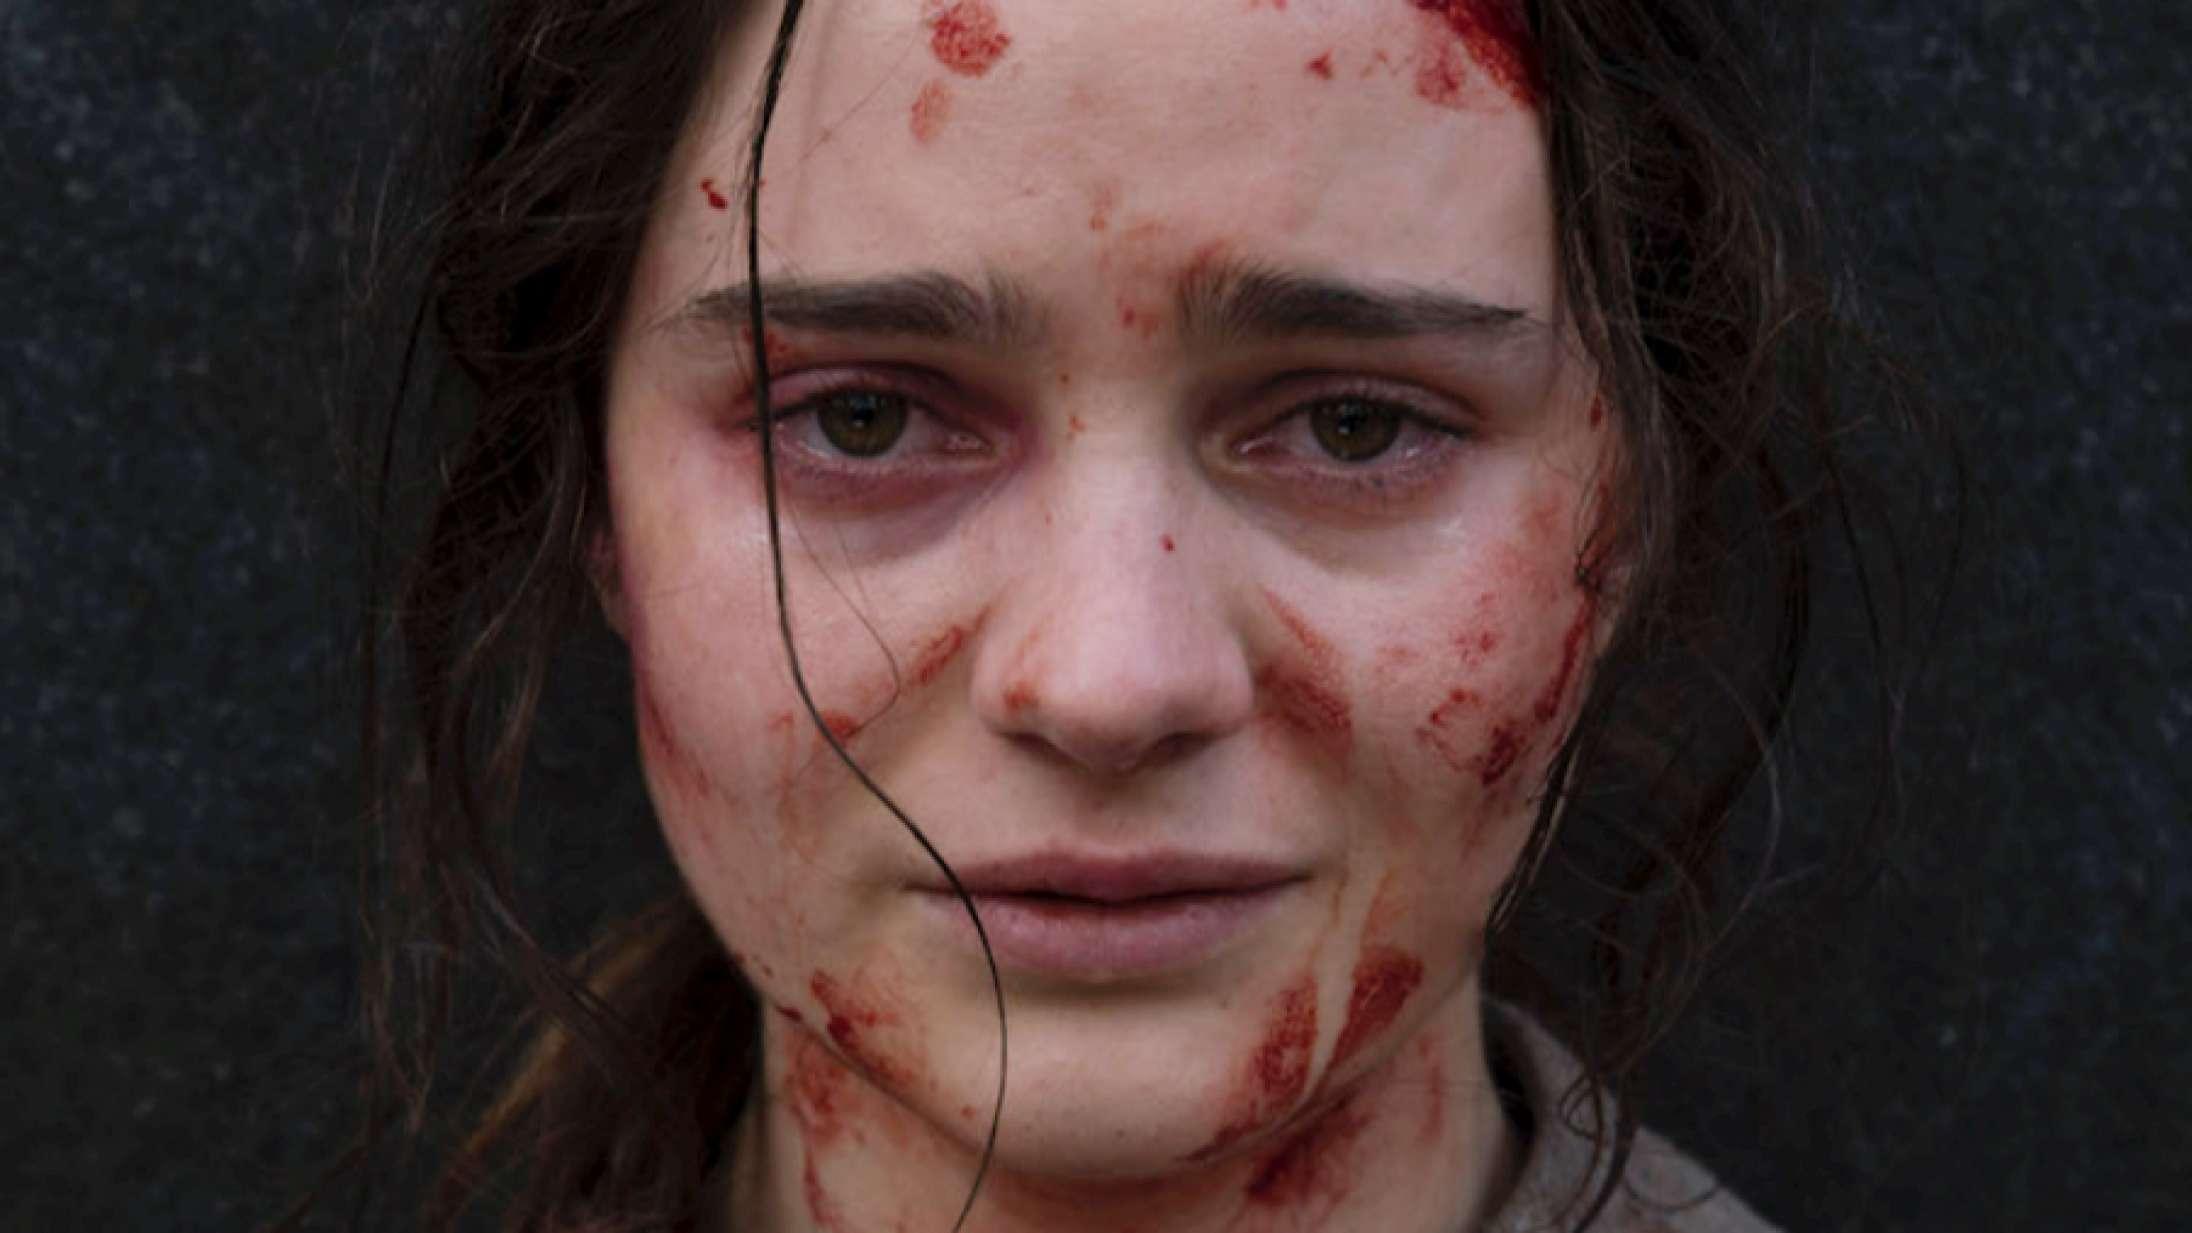 Venedig-highlight dag 9: Instruktøren bag 'The Babadook' er tilbage med en isnende hævnfilm – mødt af bizarre reaktioner